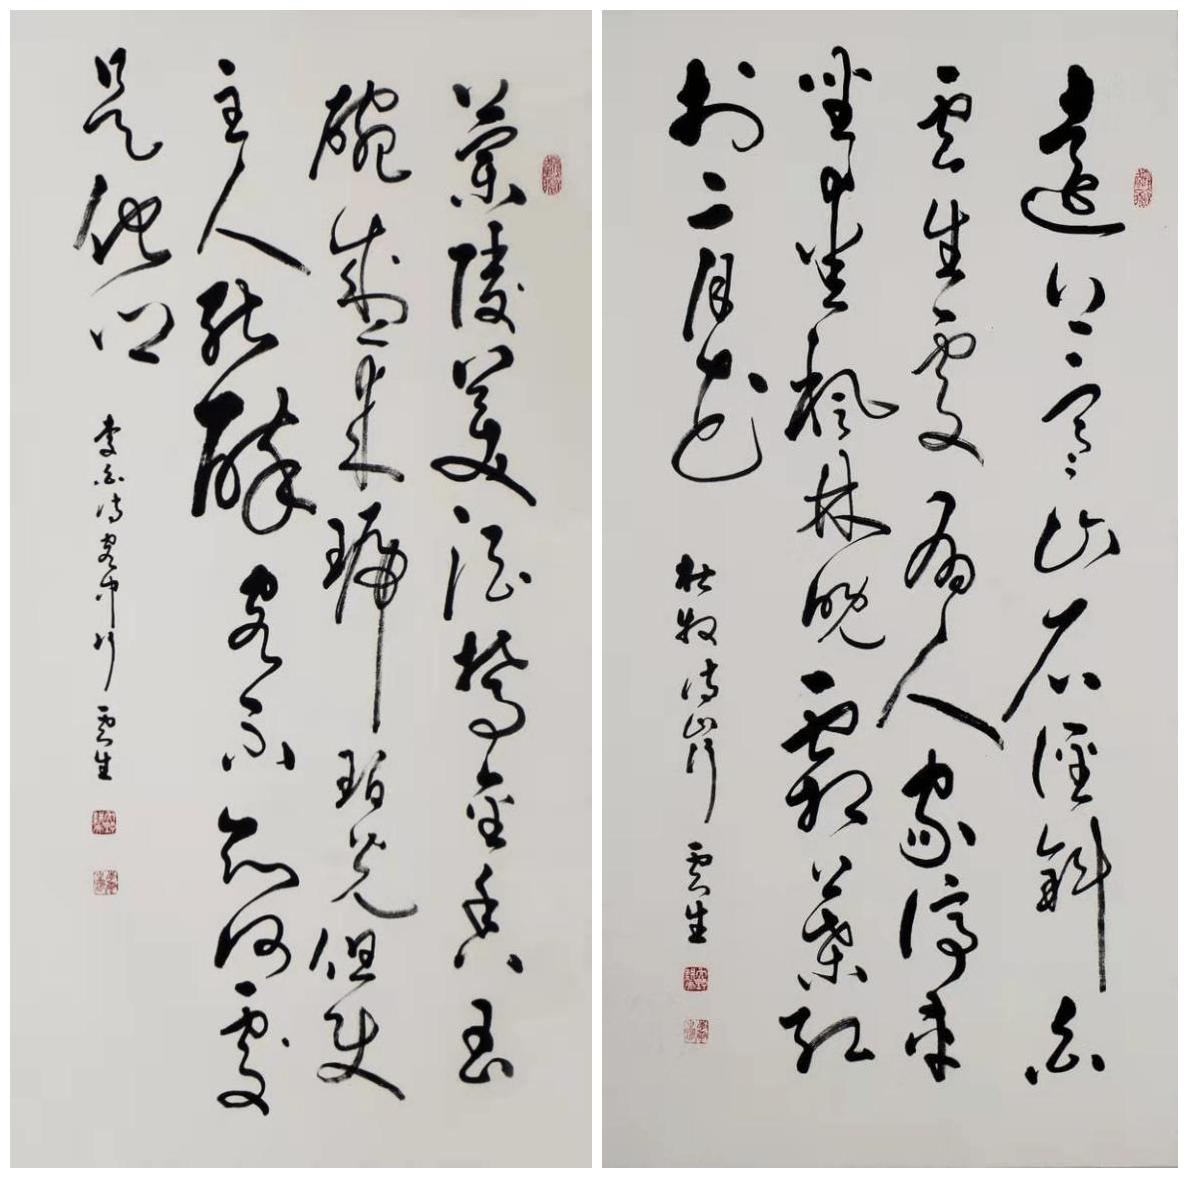 中国著名书法家李云生作品获国内外青睐,长幅作品获拍185万-天津热点网